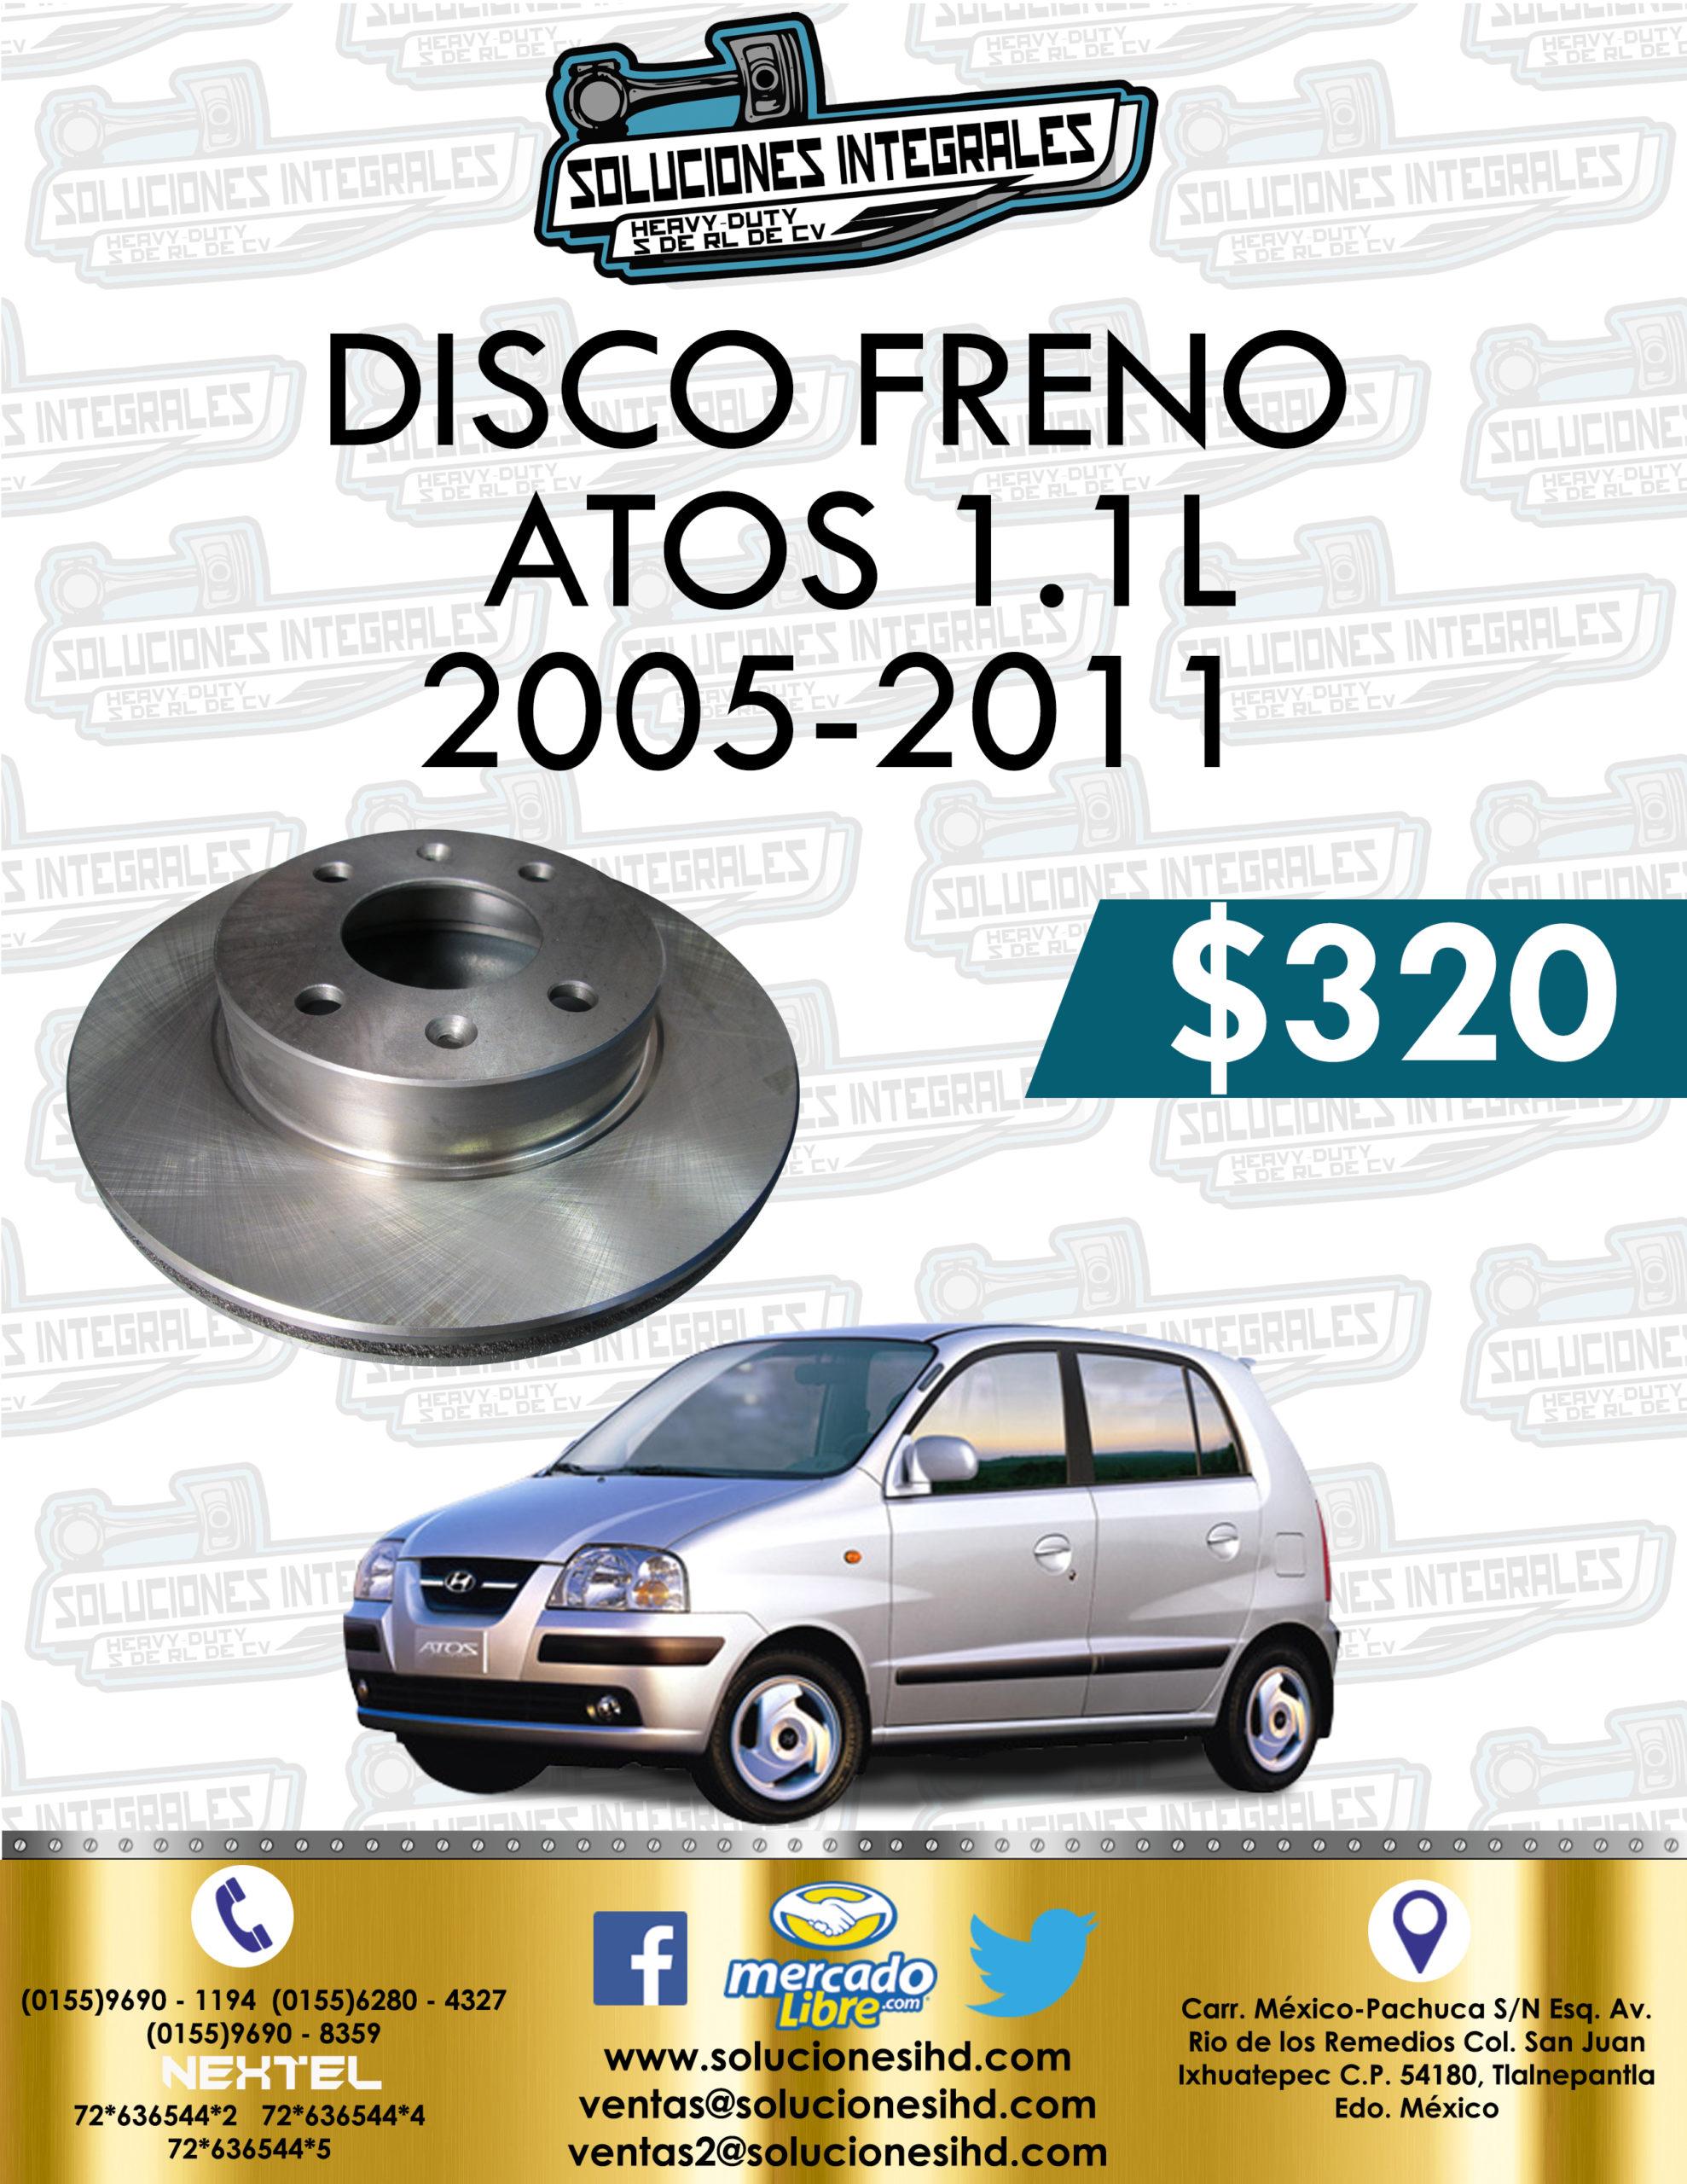 DISCO FRENO ATOS 1.1L 2005-2011